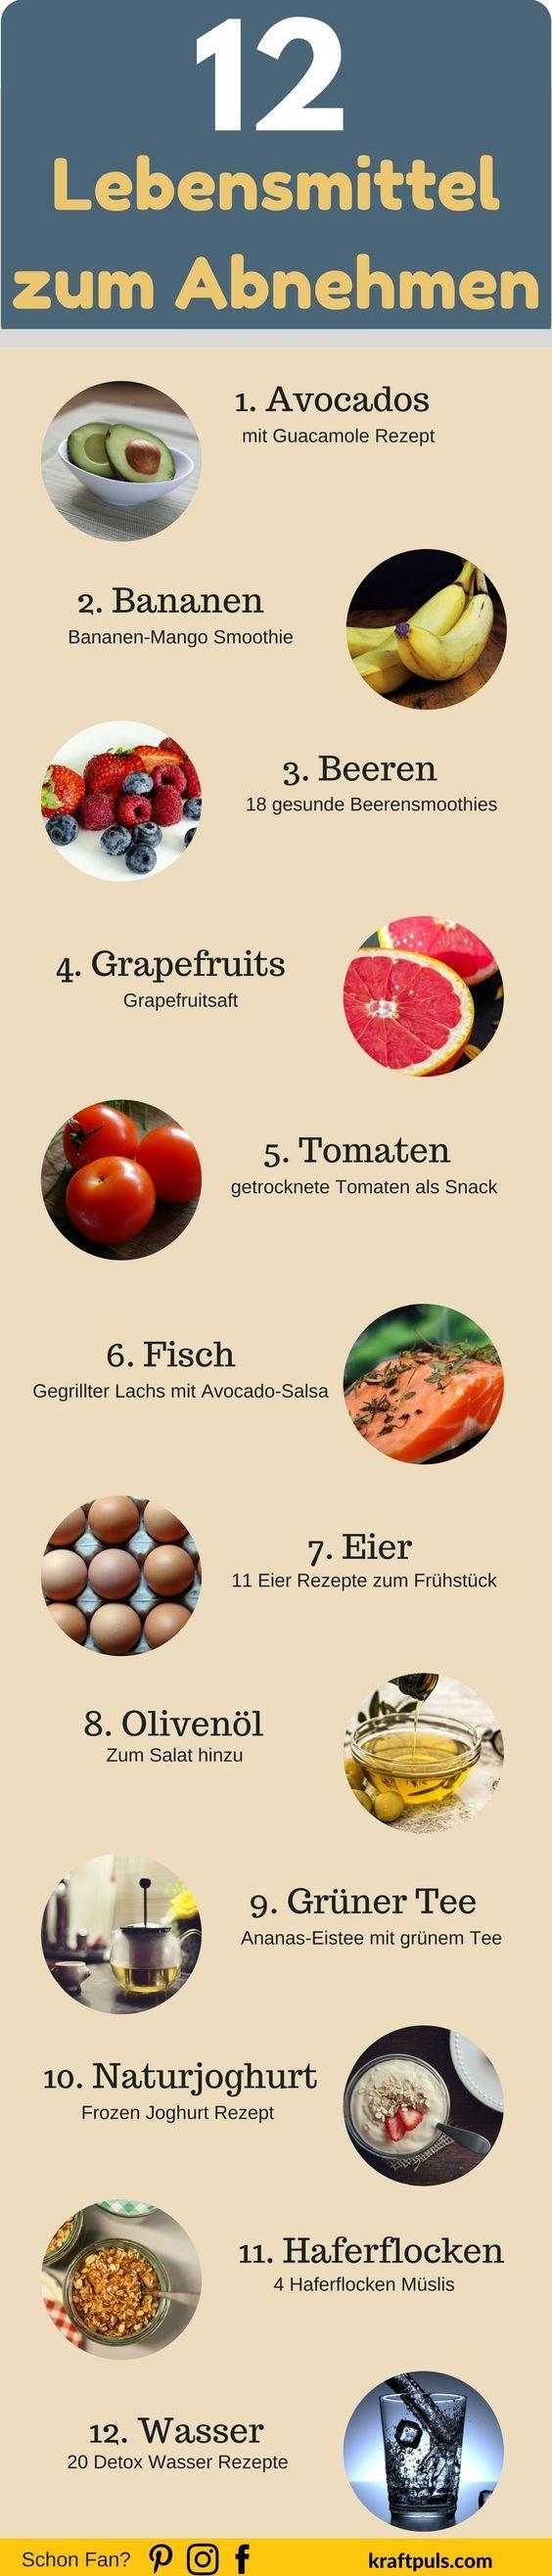 Nahrhafte Lebensmittel zur Gewichtsreduktion